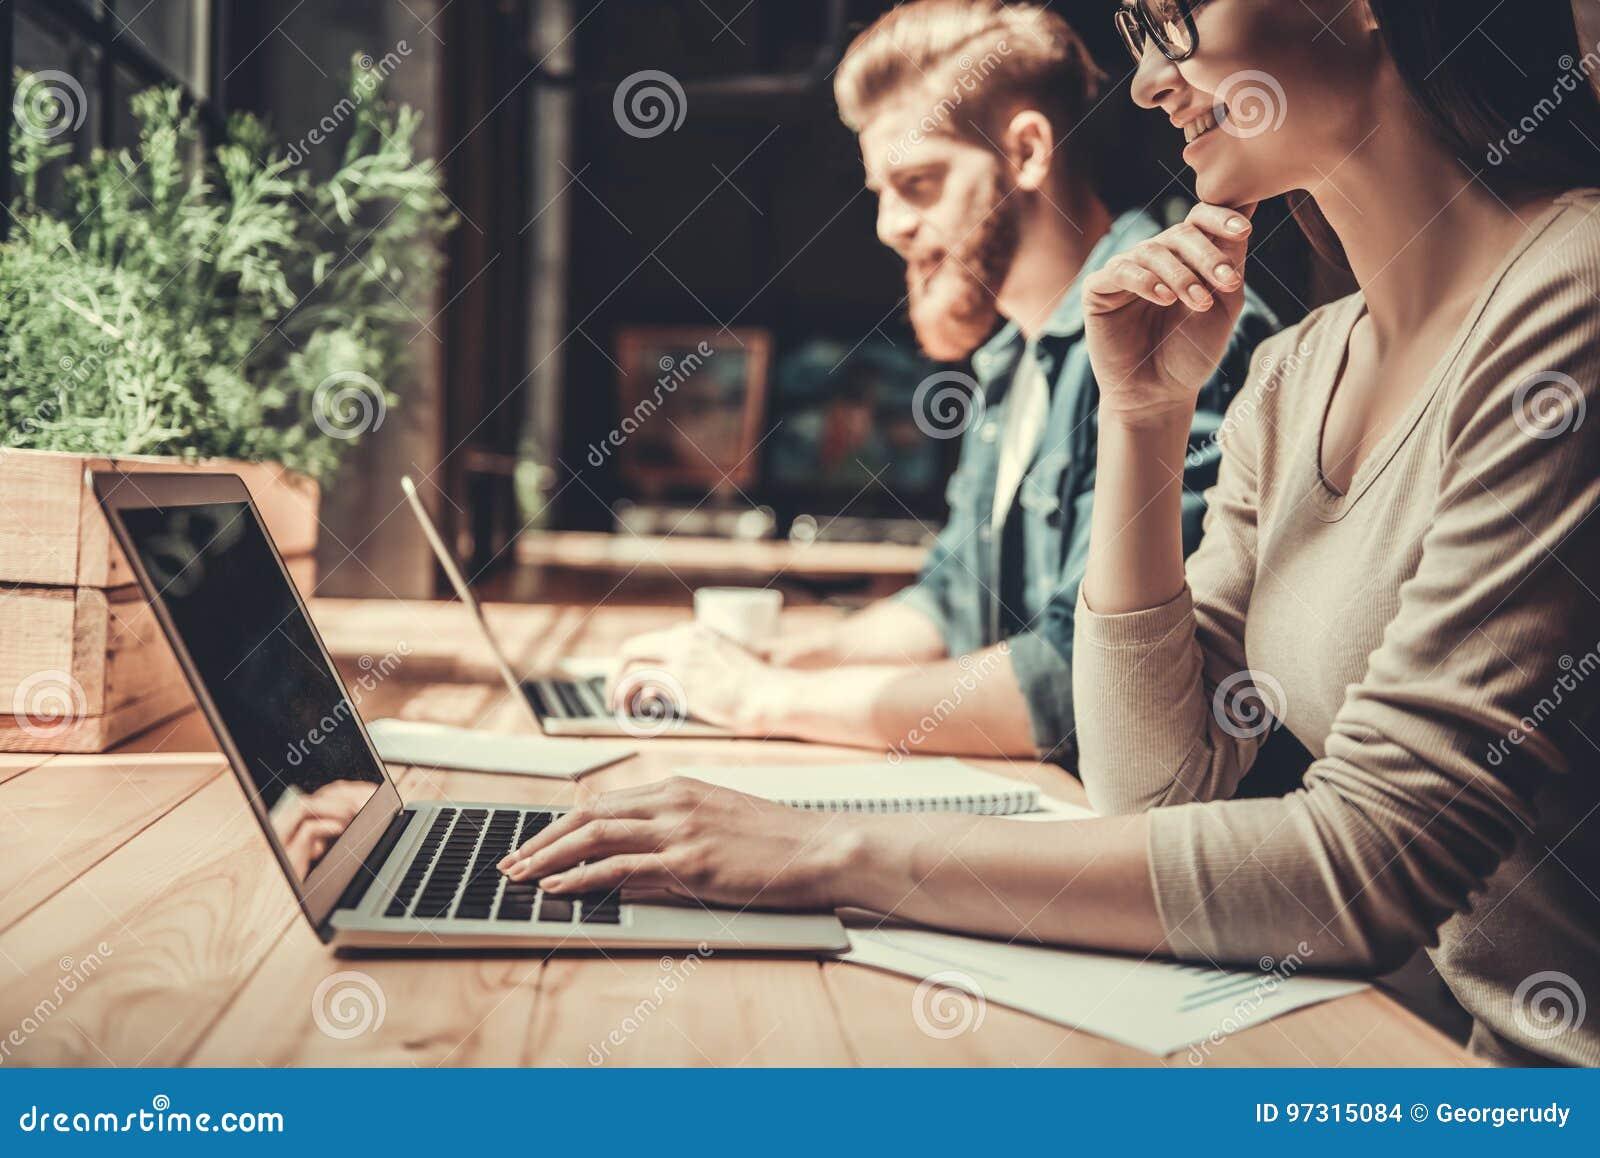 Gente que trabaja en la oficina